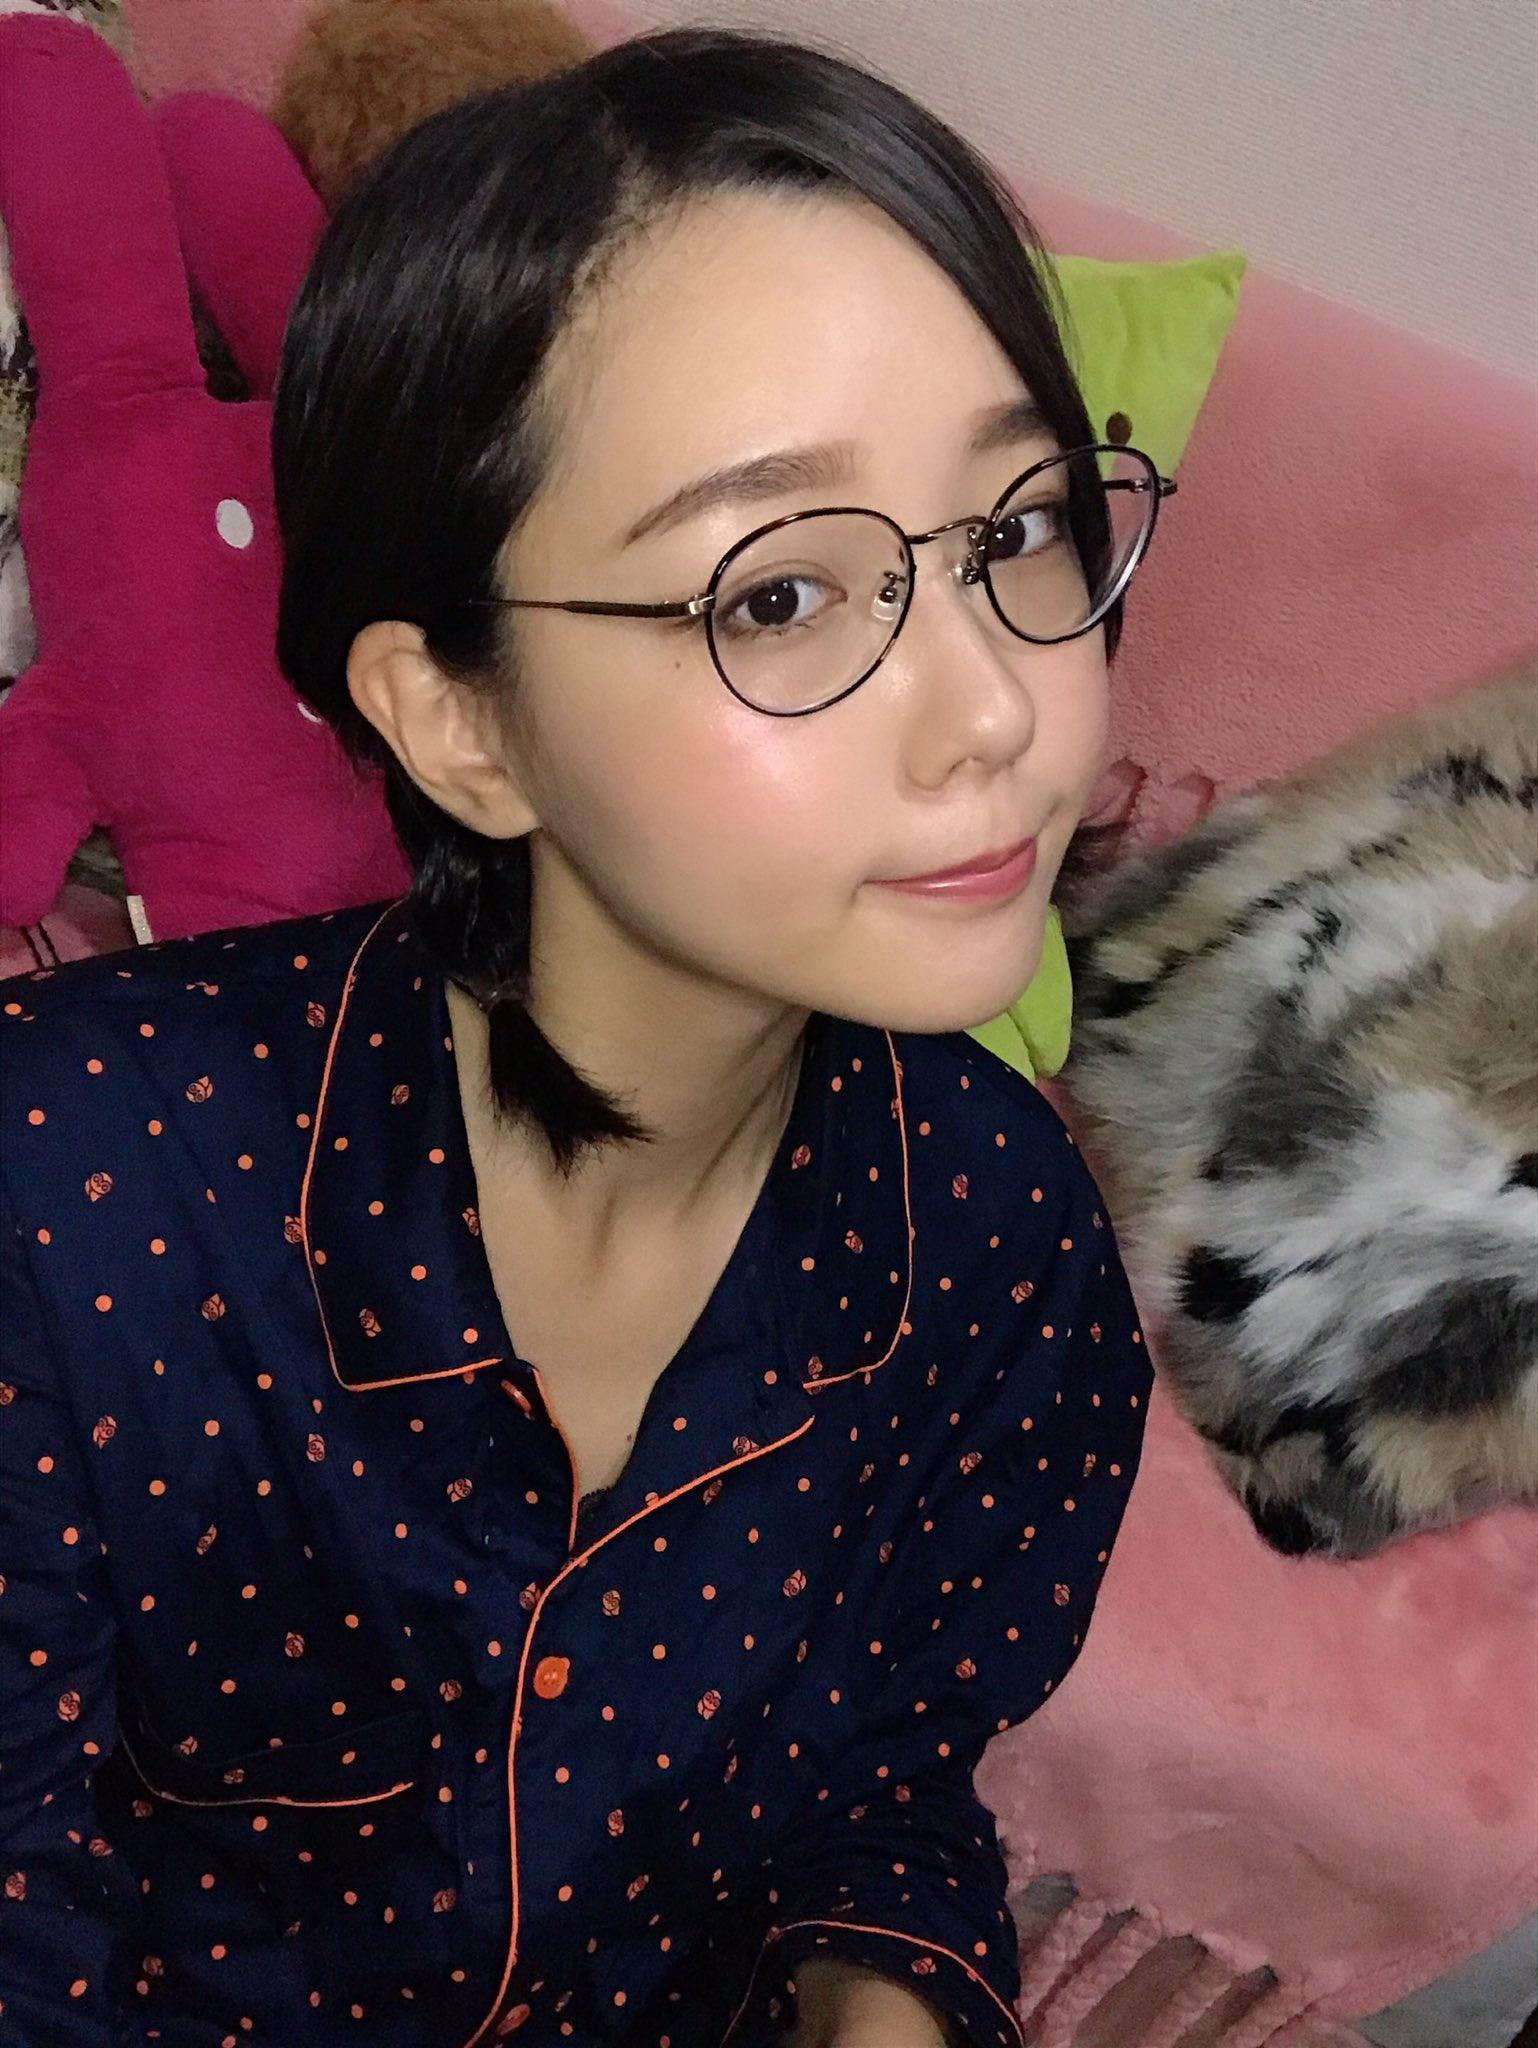 眼镜日 眼镜娘 ahekokoko0527 1179000012576980997_p0